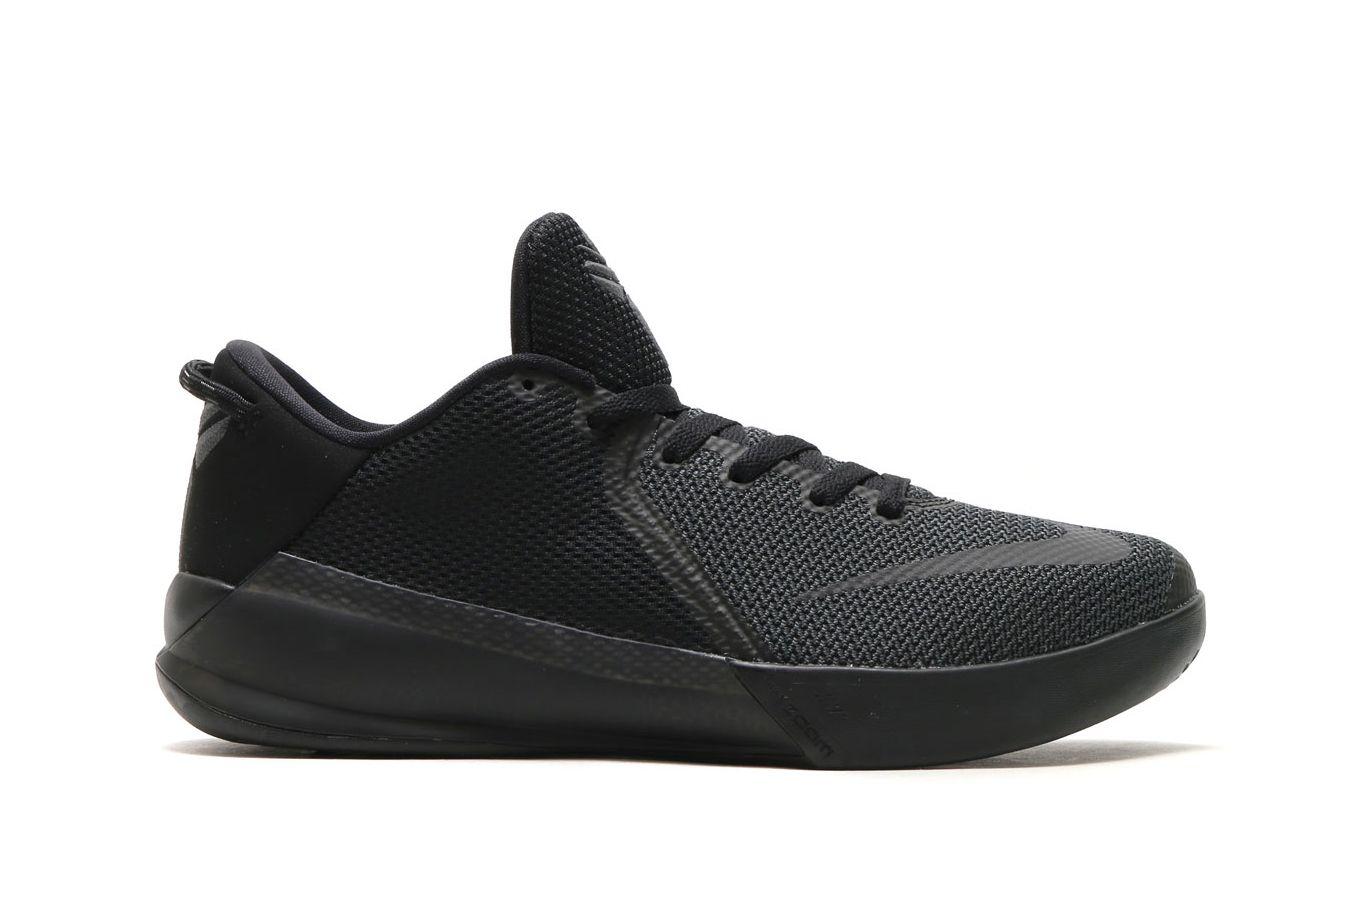 f001a3f8ff2c8a Nike s Zoom Kobe Venomenon 6 Debuts in